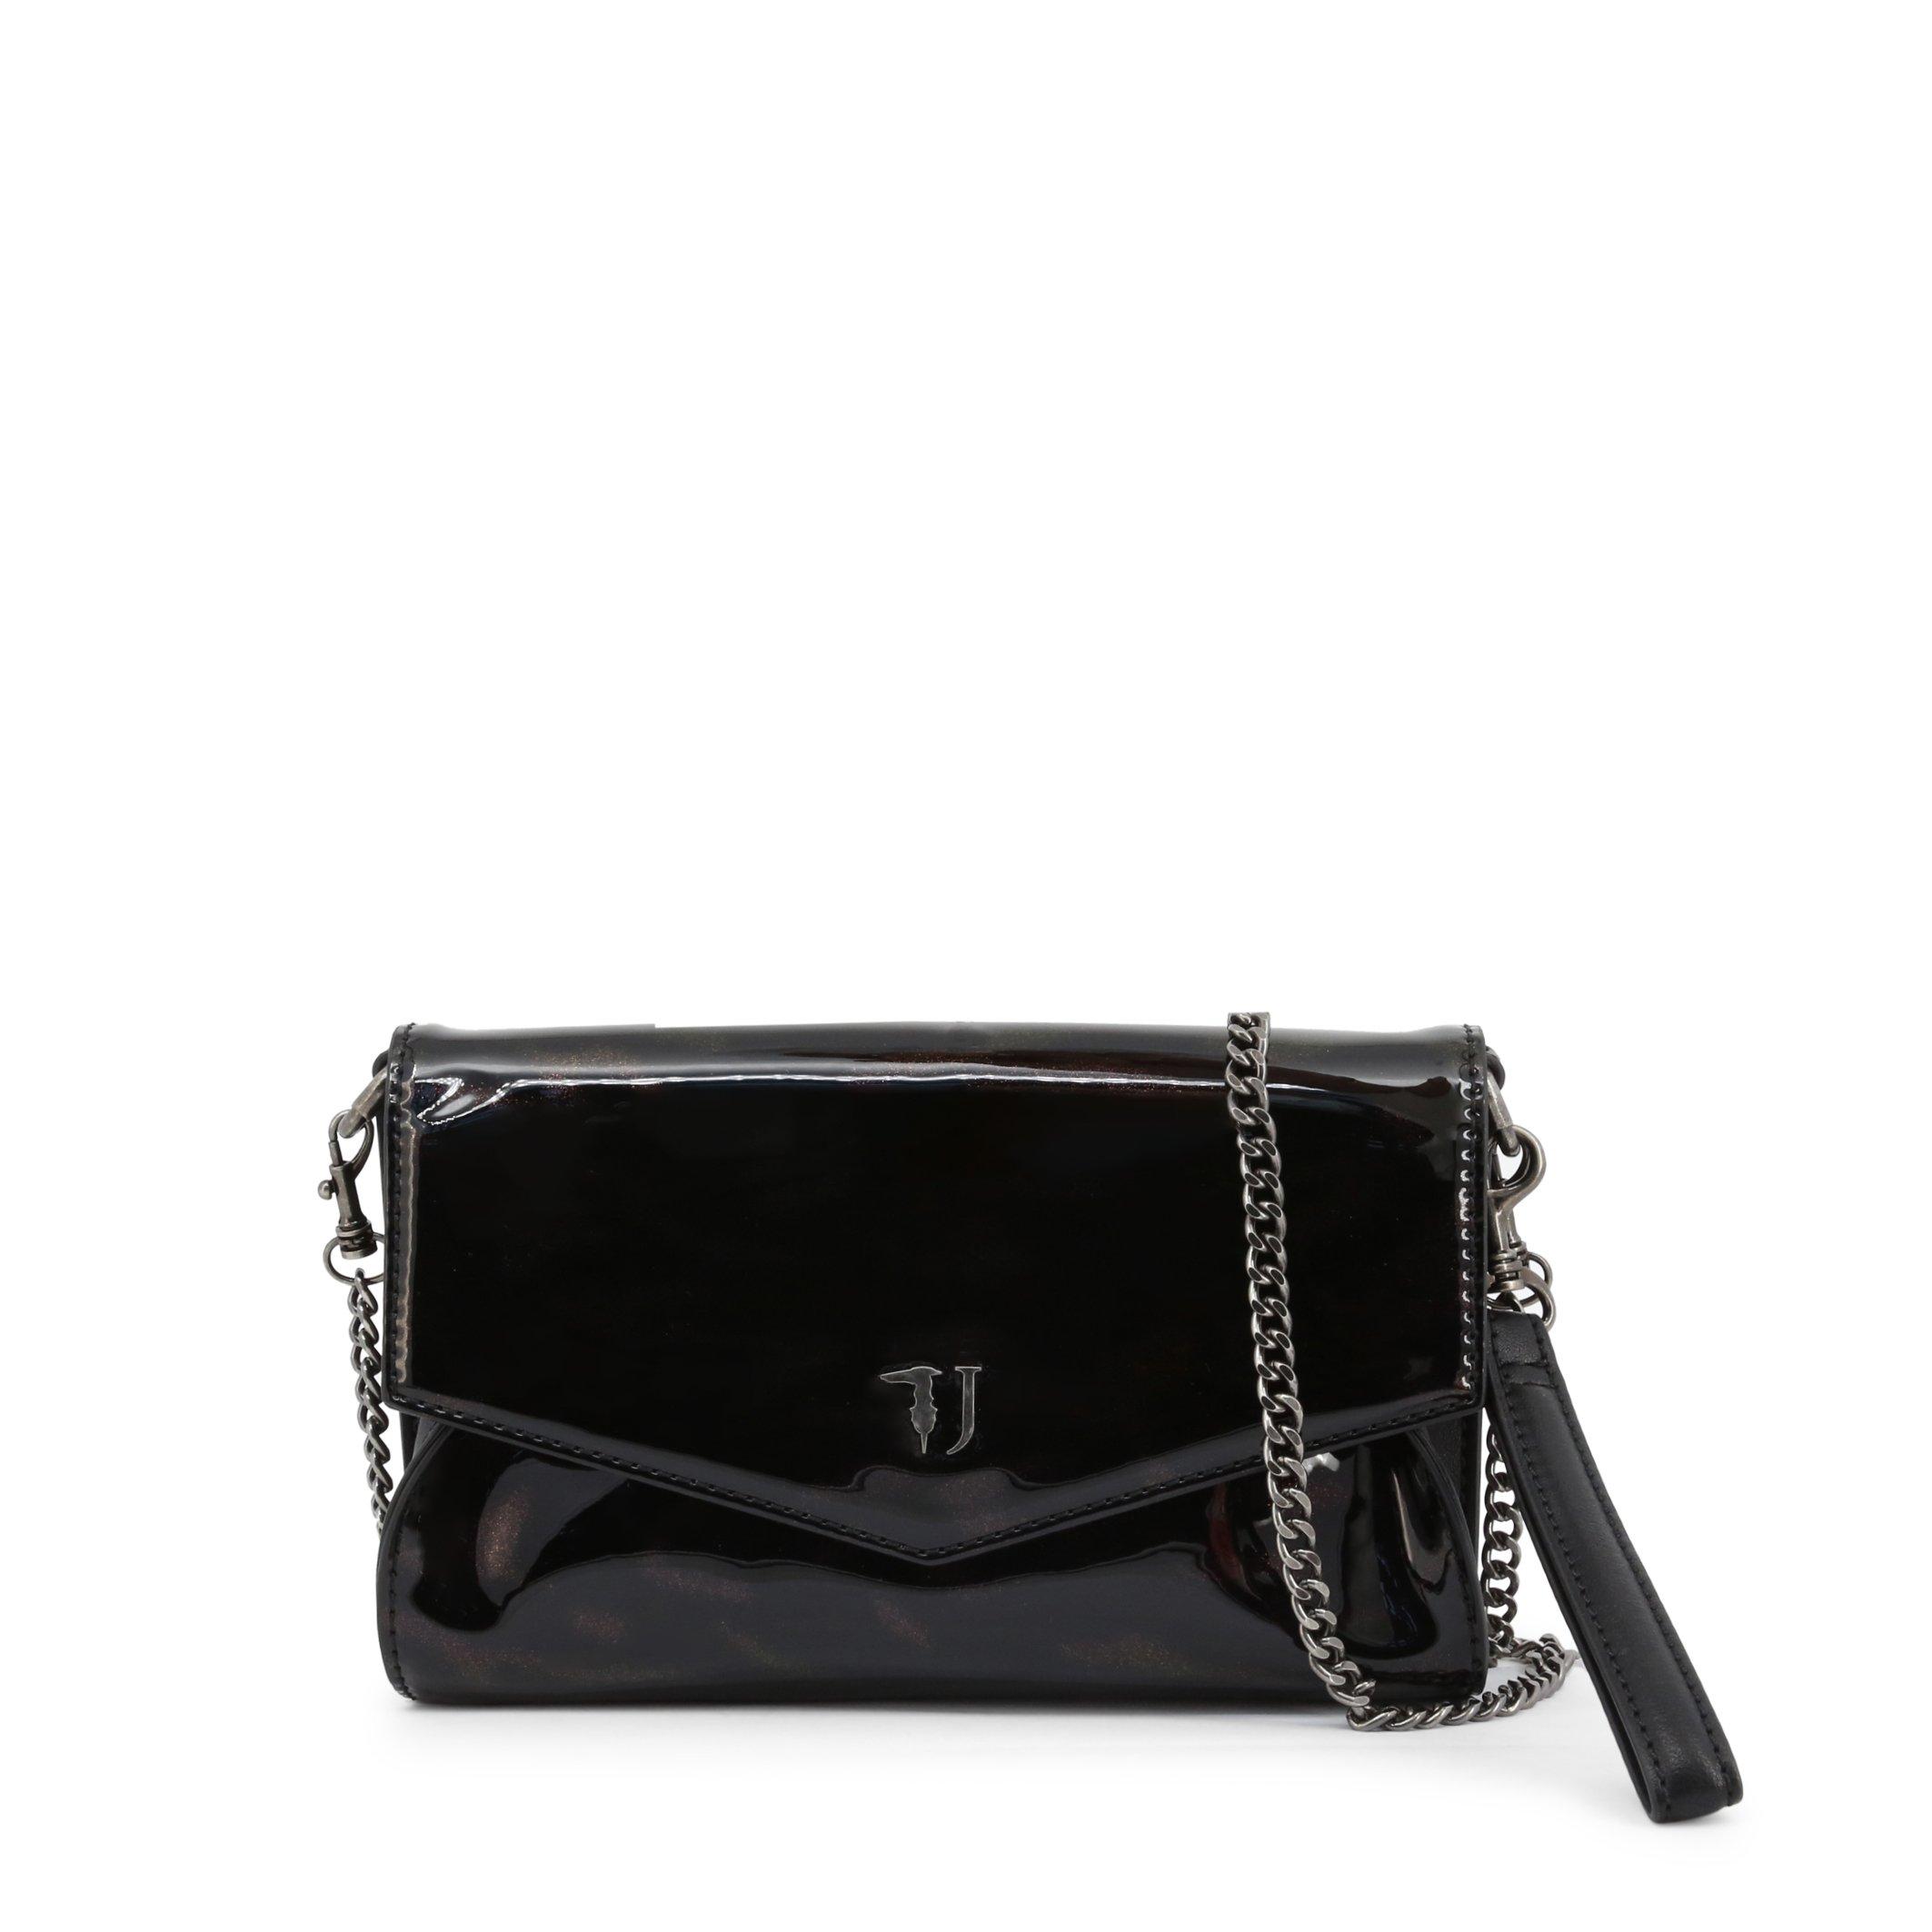 Trussardi Women's Clutch Bag Various Colours PAPRICA_75B00559 - black NOSIZE